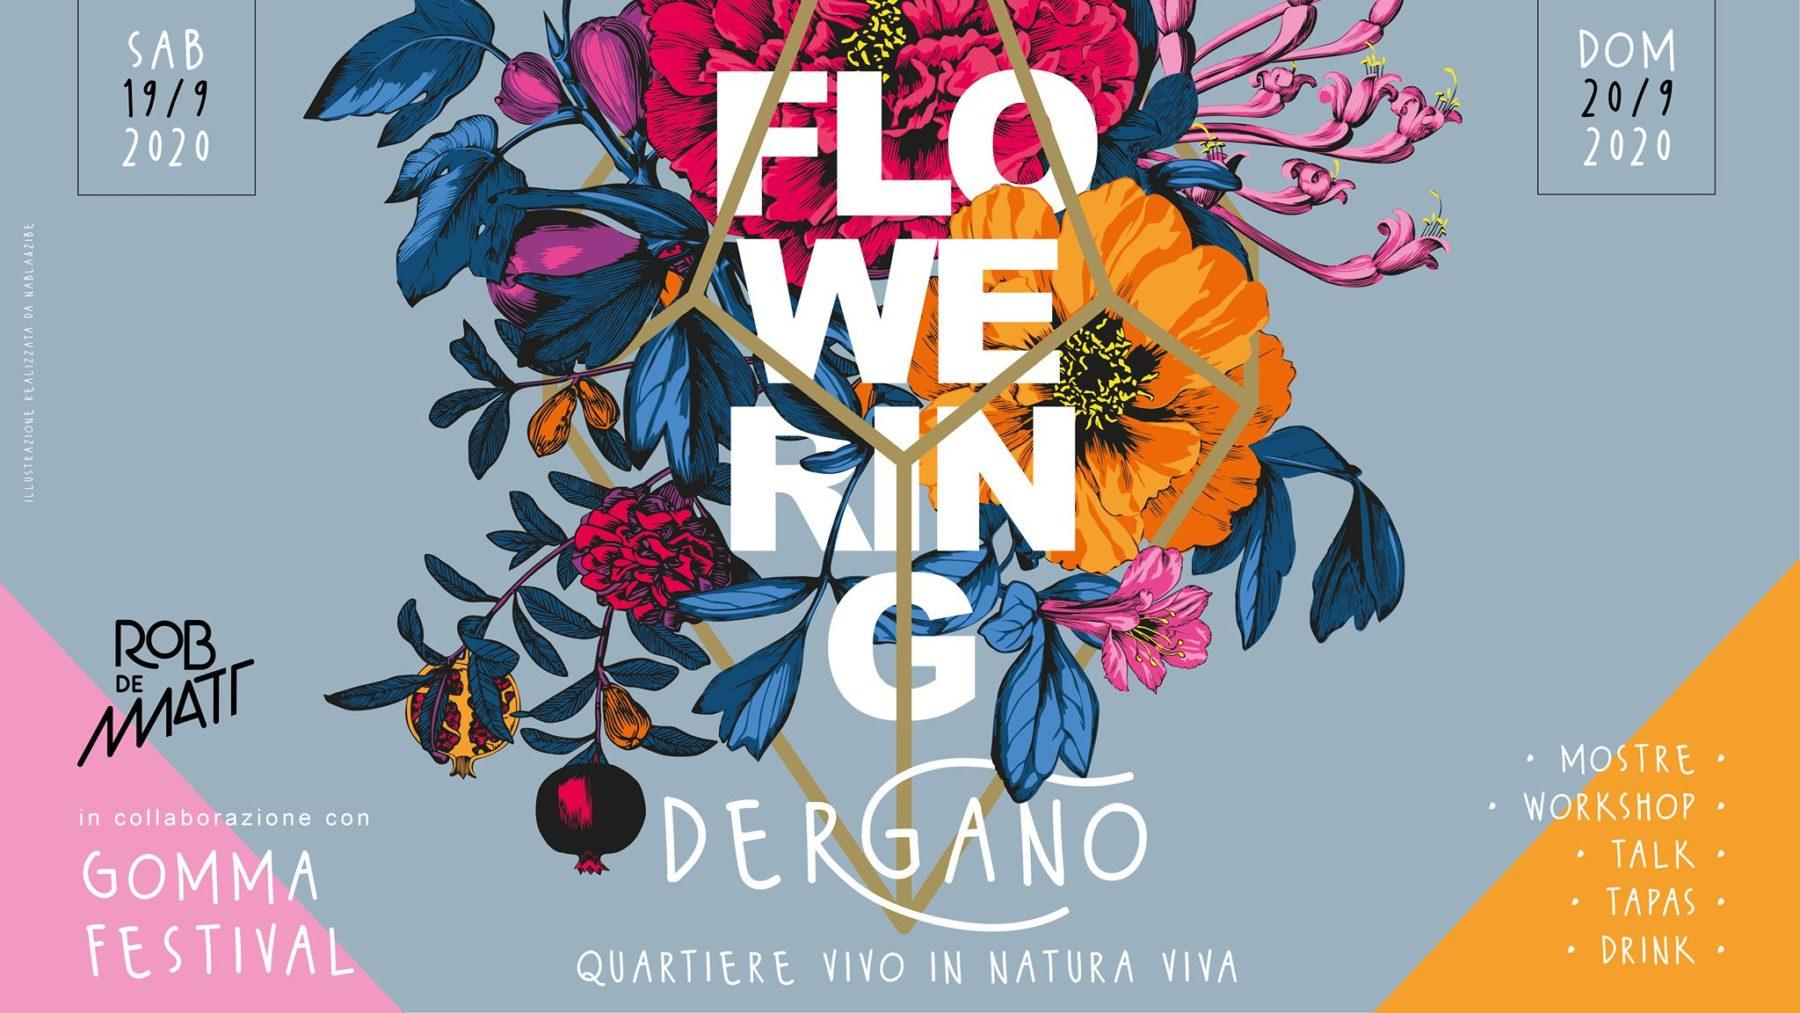 flowering dergano rob de matt